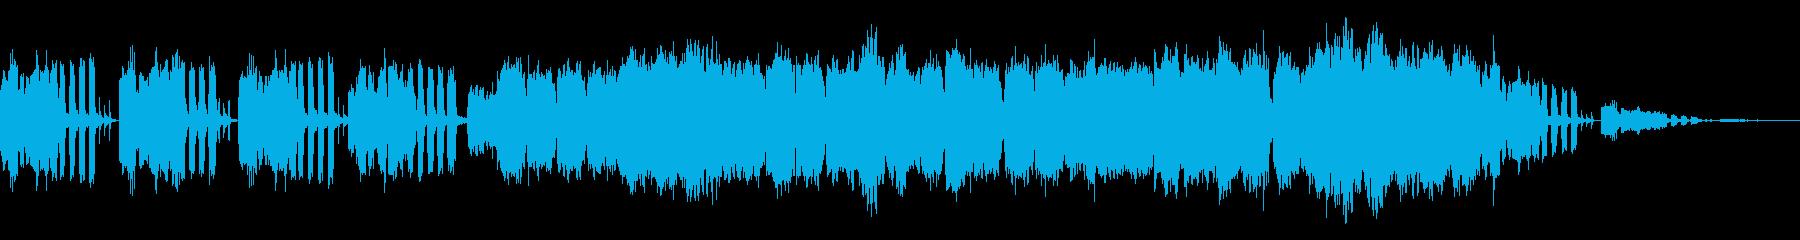 花屋さんをイメージしたアコーディオン曲の再生済みの波形